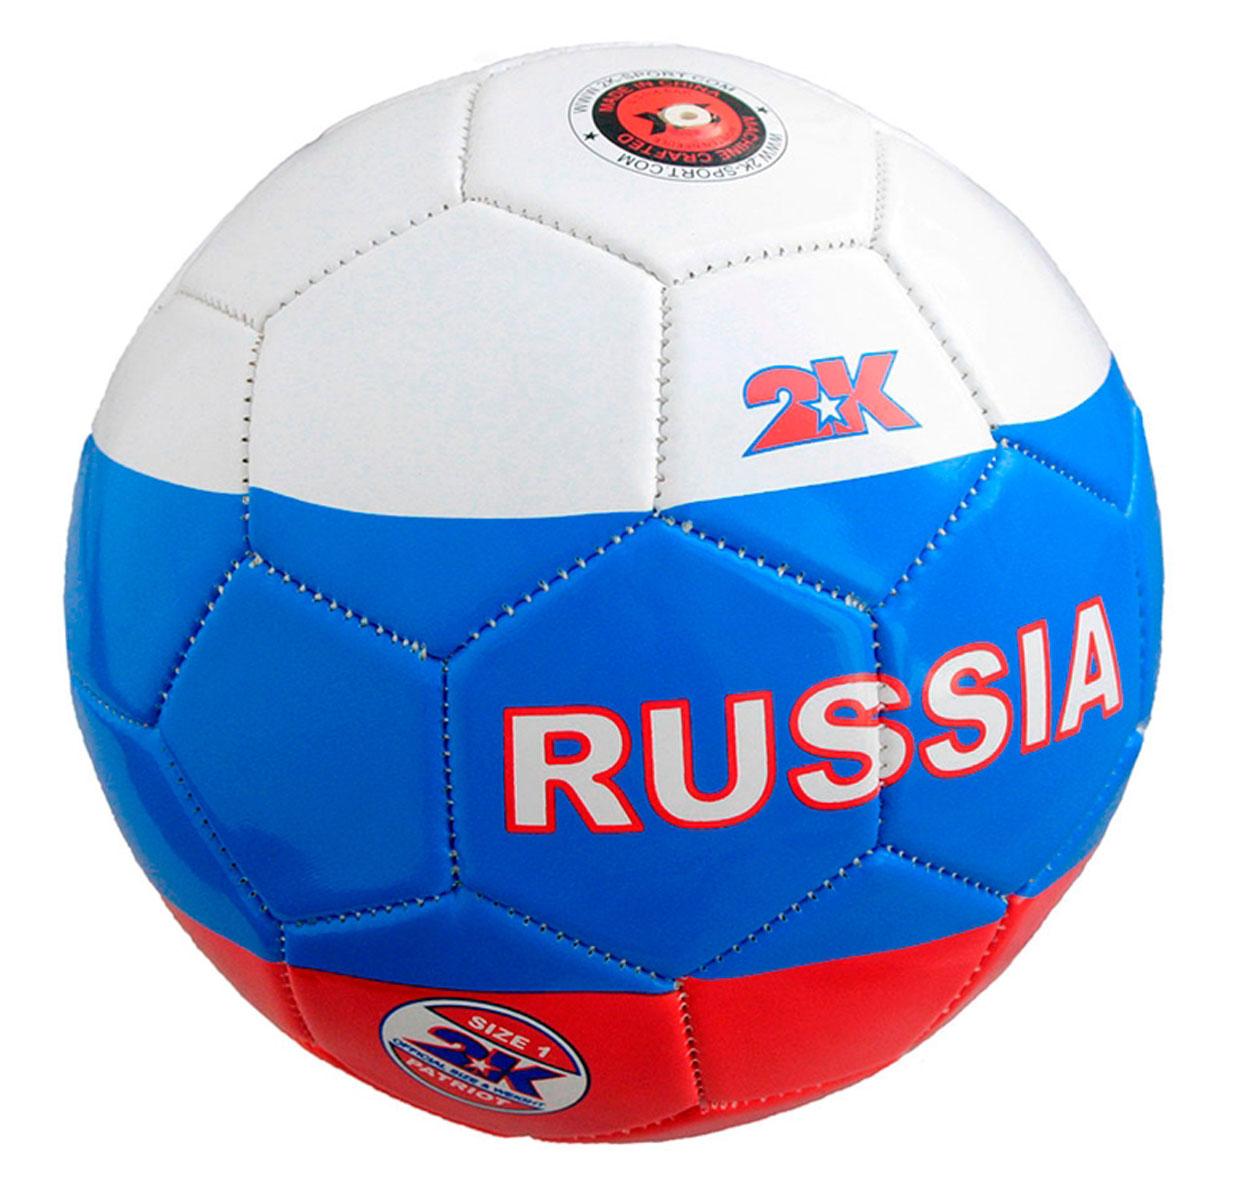 Мяч сувенирный 2K Sport Patriot, цвет: белый, голубой, красный. Размер 1127066pСувенирный мяч 2K Sport Patriot украшен символикой Российской Федерации. Подкладка выполнена из трех слоев полиэстера. Камера изготовлена из высококачественного латекса. Панели соединены при помощи машинной сшивки.